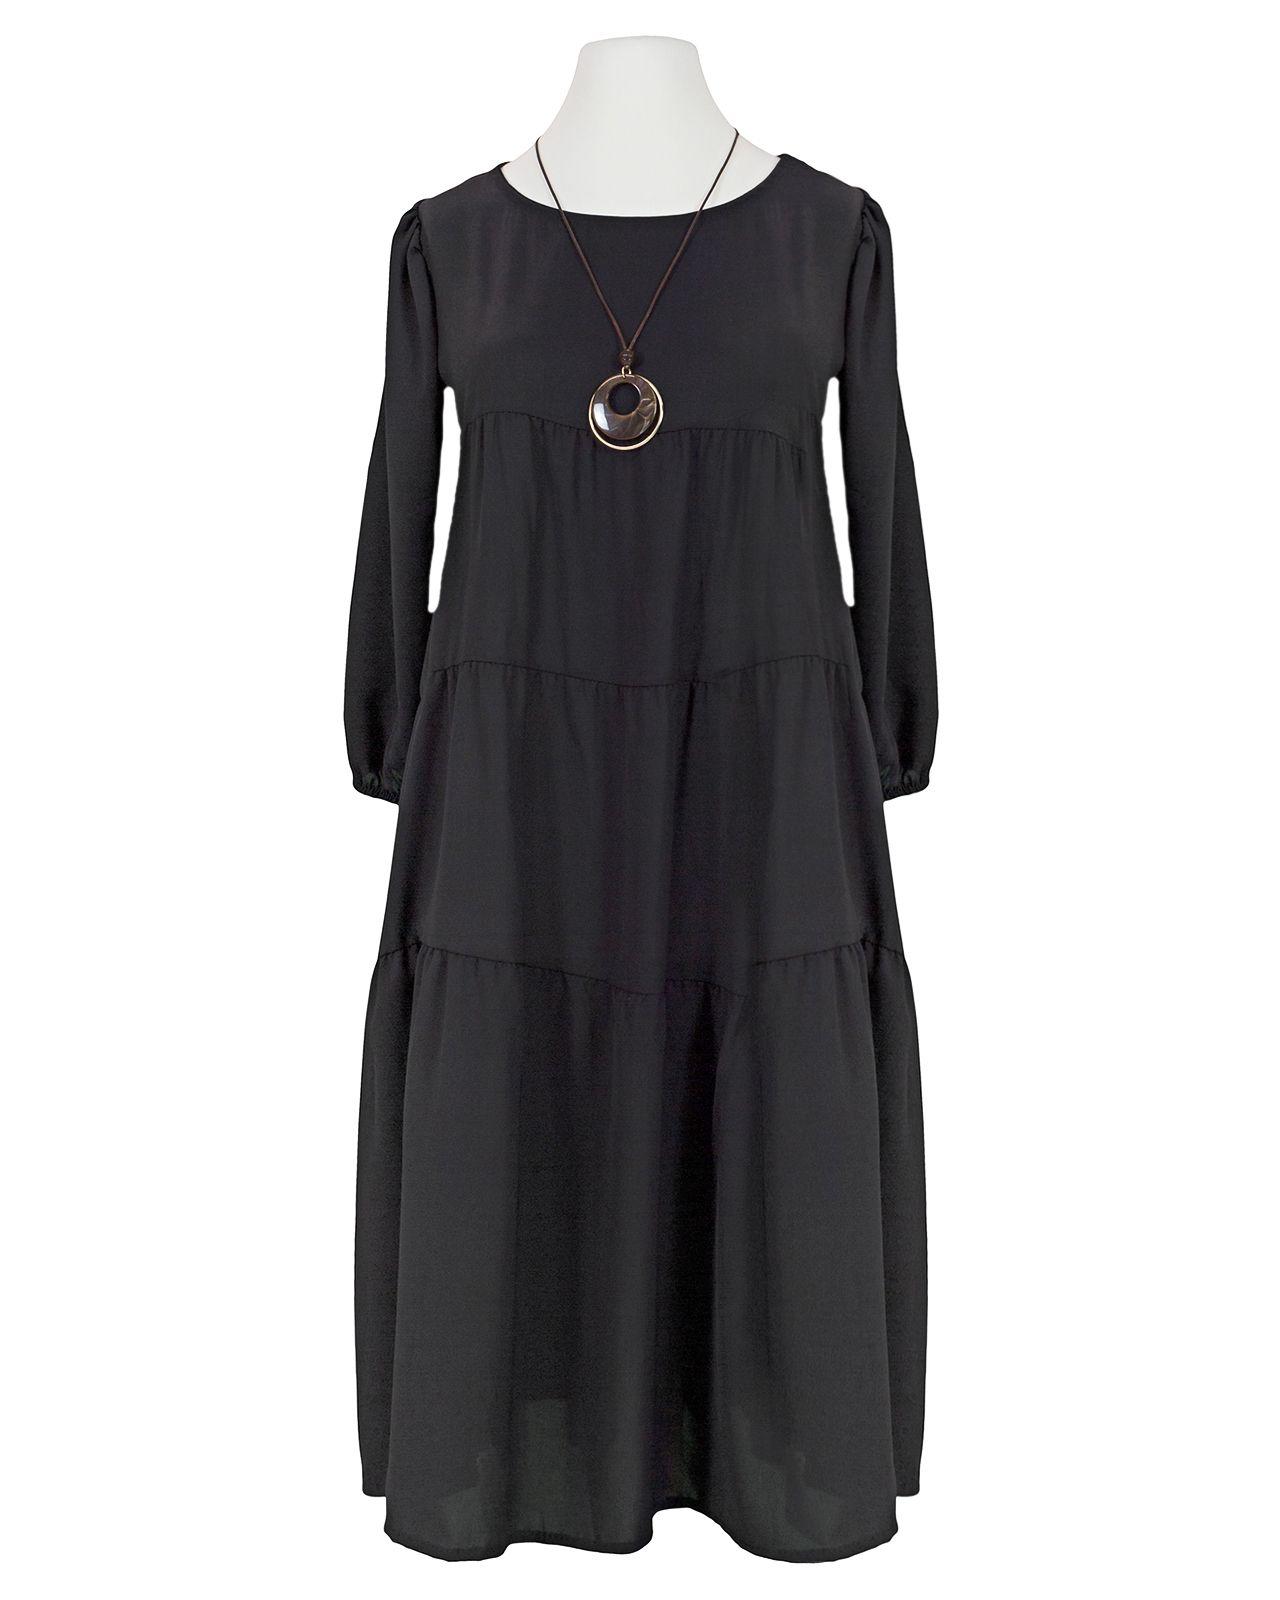 jerseykleid mit kette, schwarz bei meinkleidchen kaufen